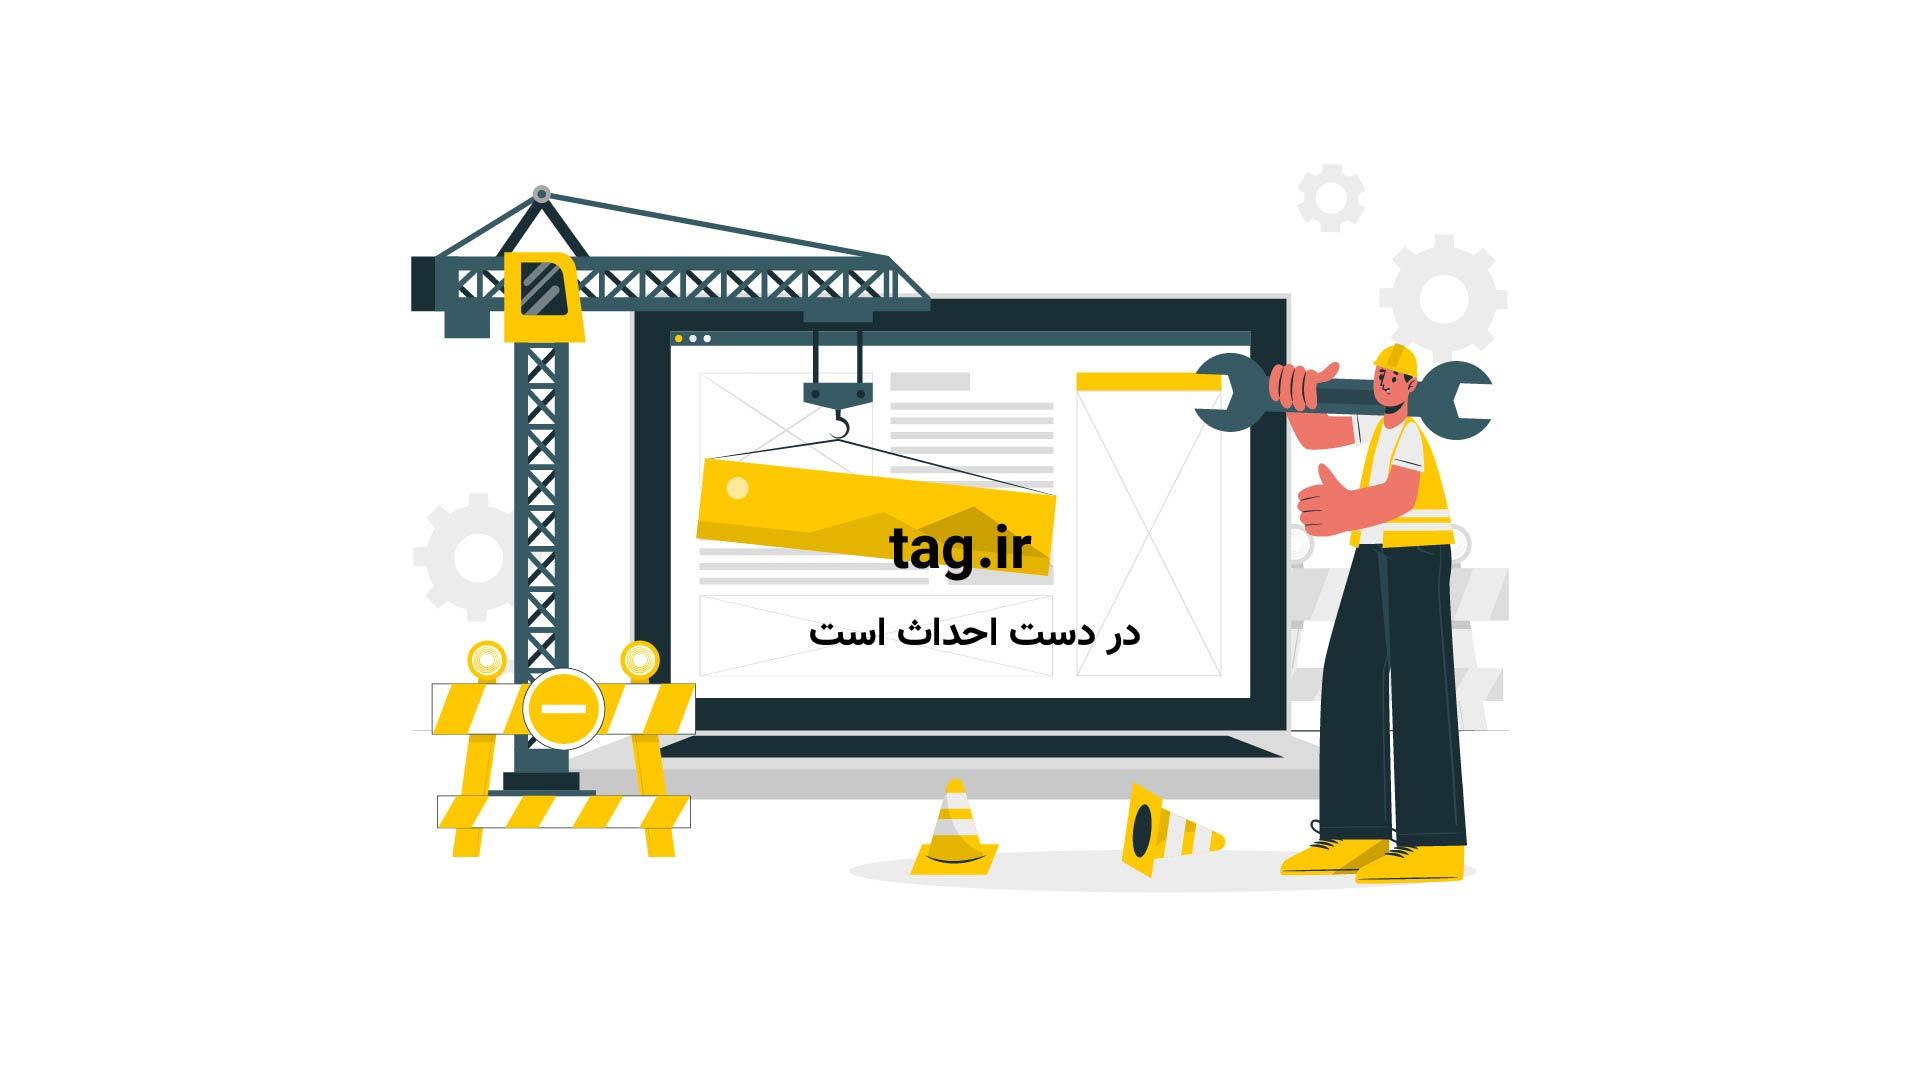 عصبانیت مرد کرهای از تخلف راننده زن | فیلم